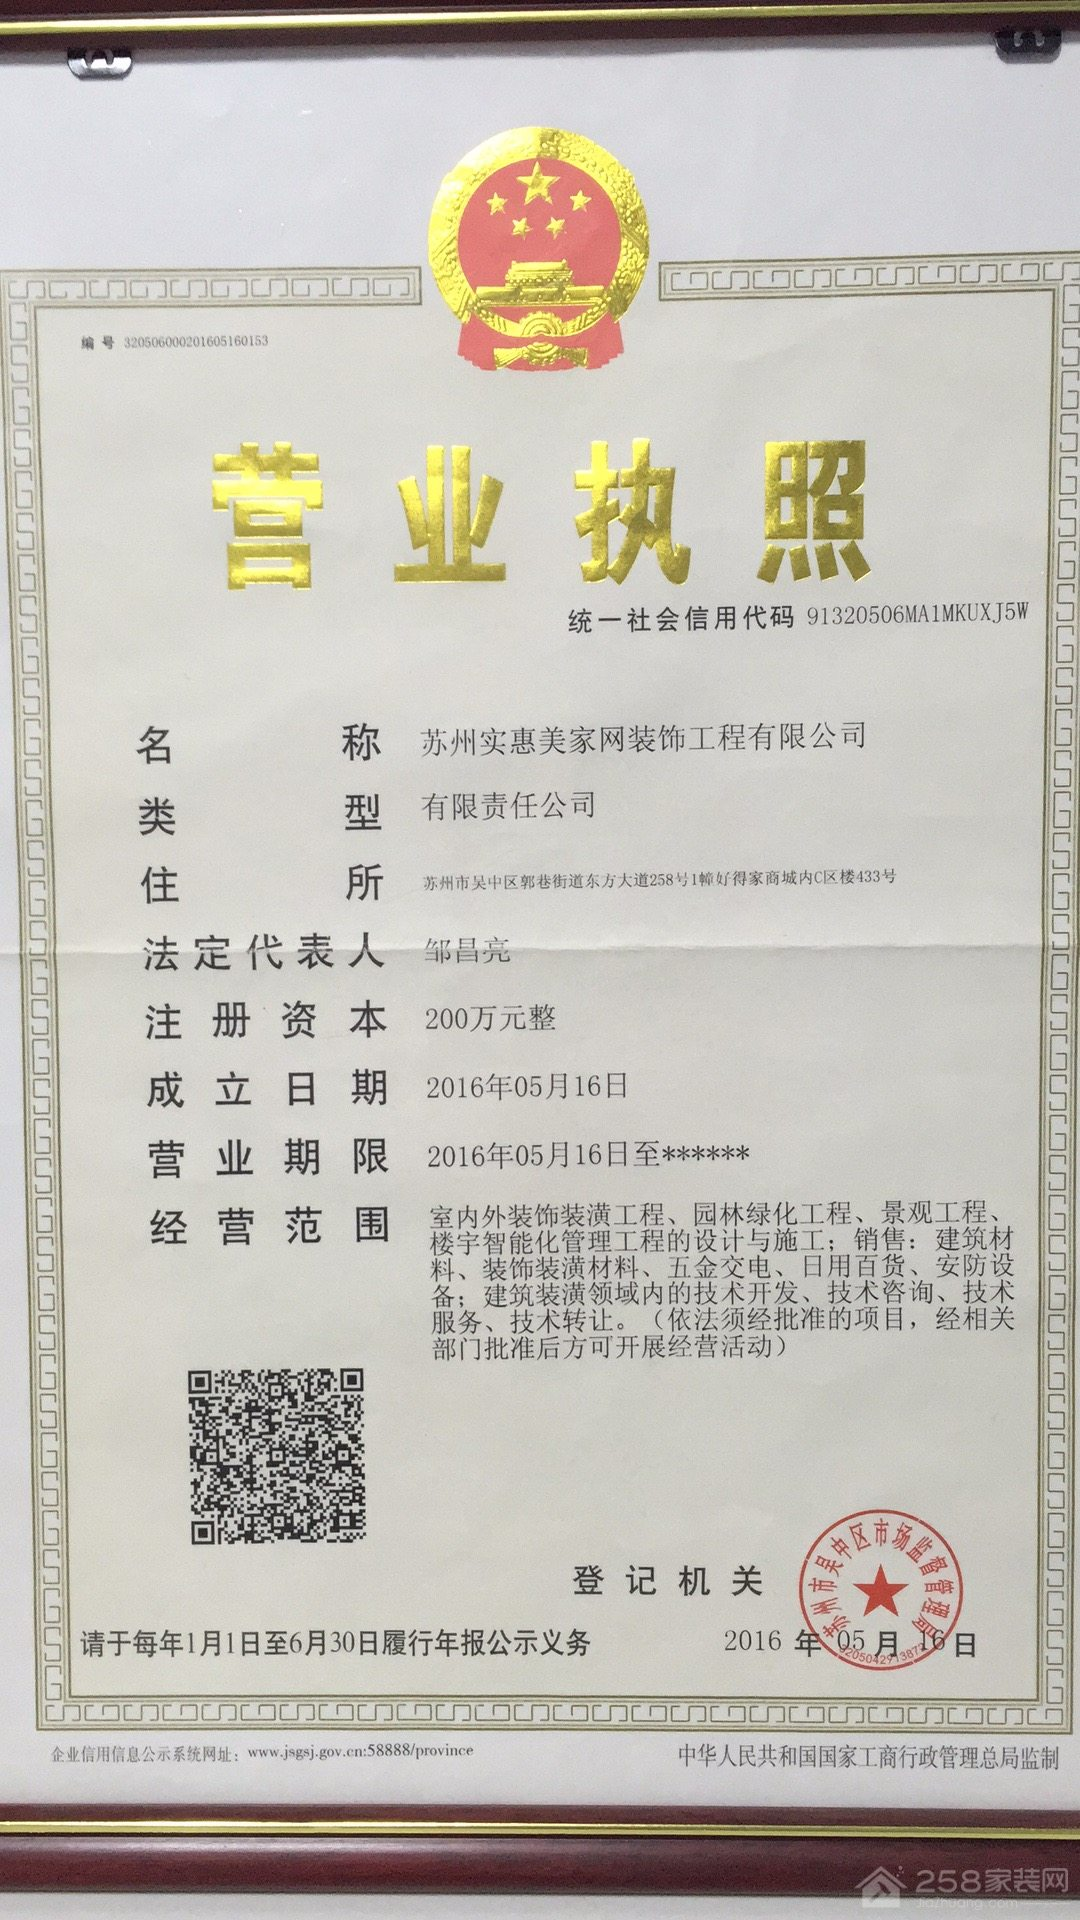 苏州实惠美家网装饰工程有限公司